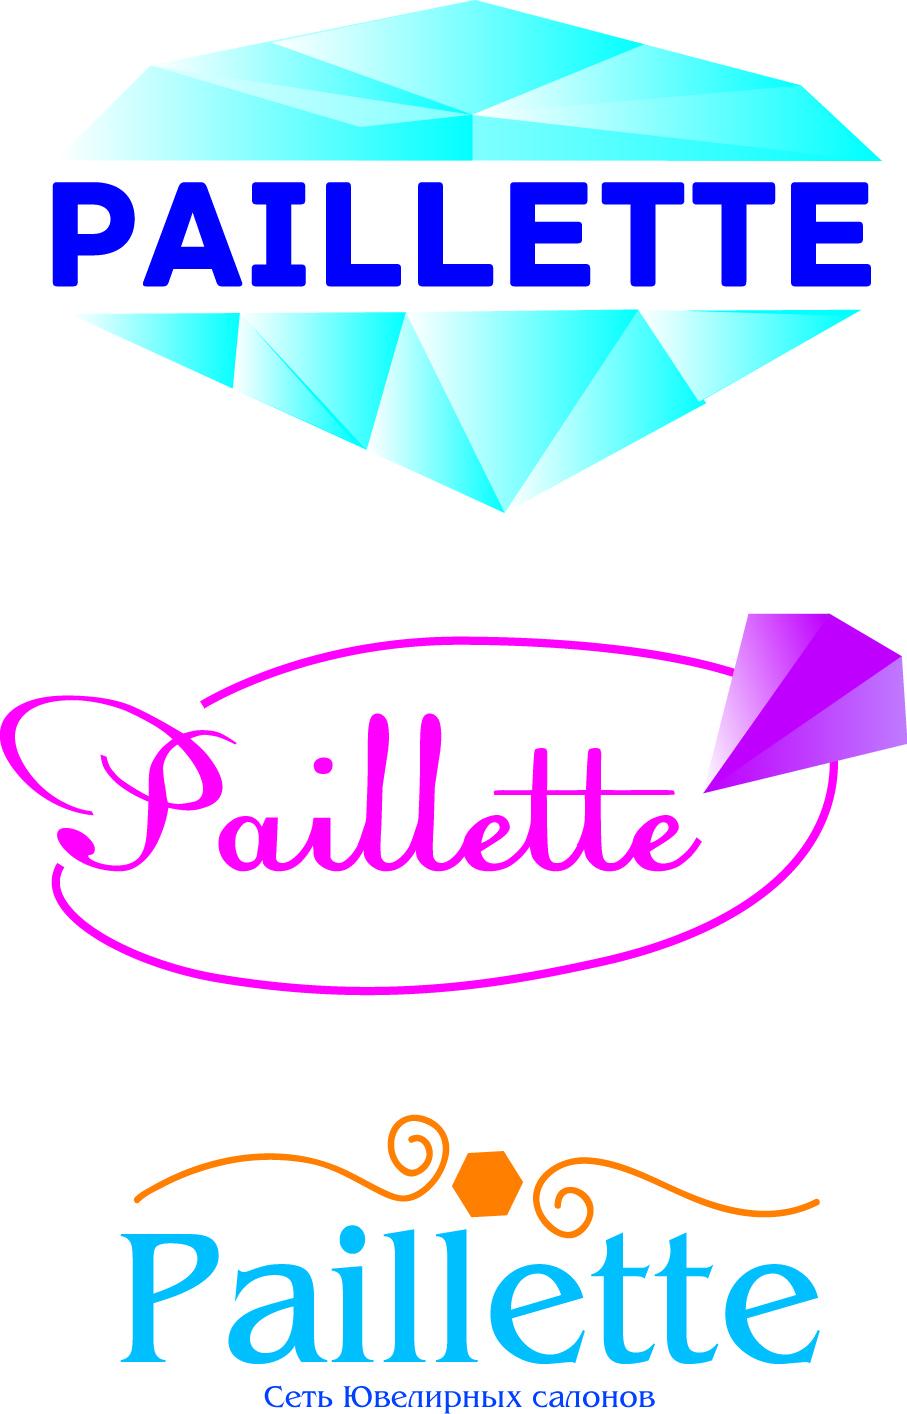 Разработка Логотипа. фото f_24551535da4b4cfe.jpg